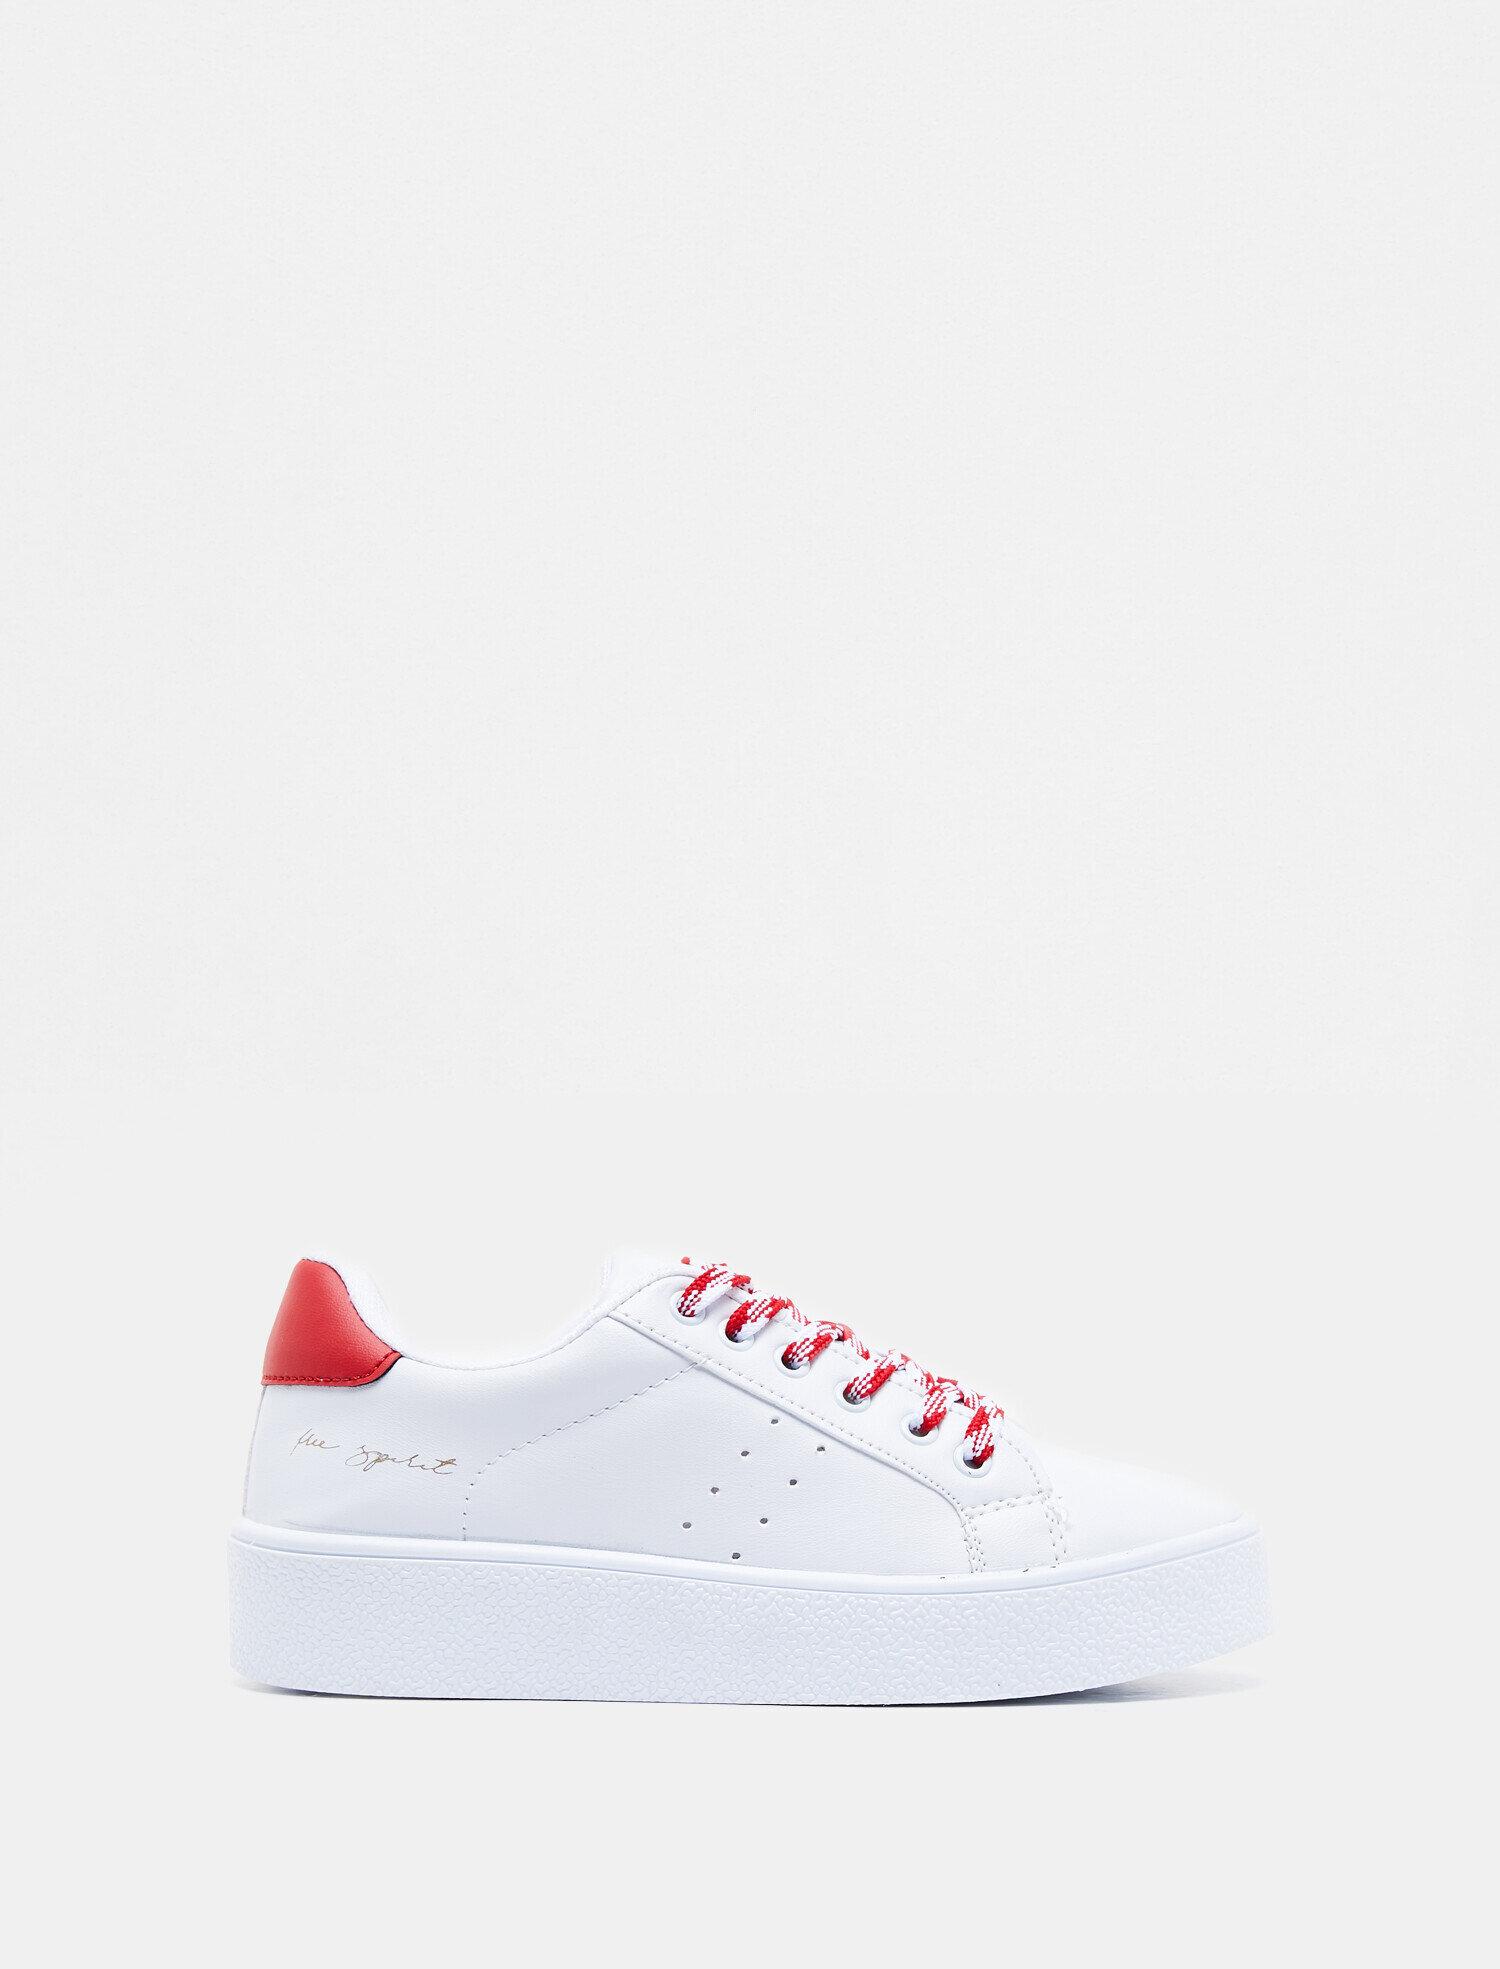 13f51d42e5131 Bağcıklı Ayakkabı Beyaz. Koton Koton. 89.99 79.99 TL